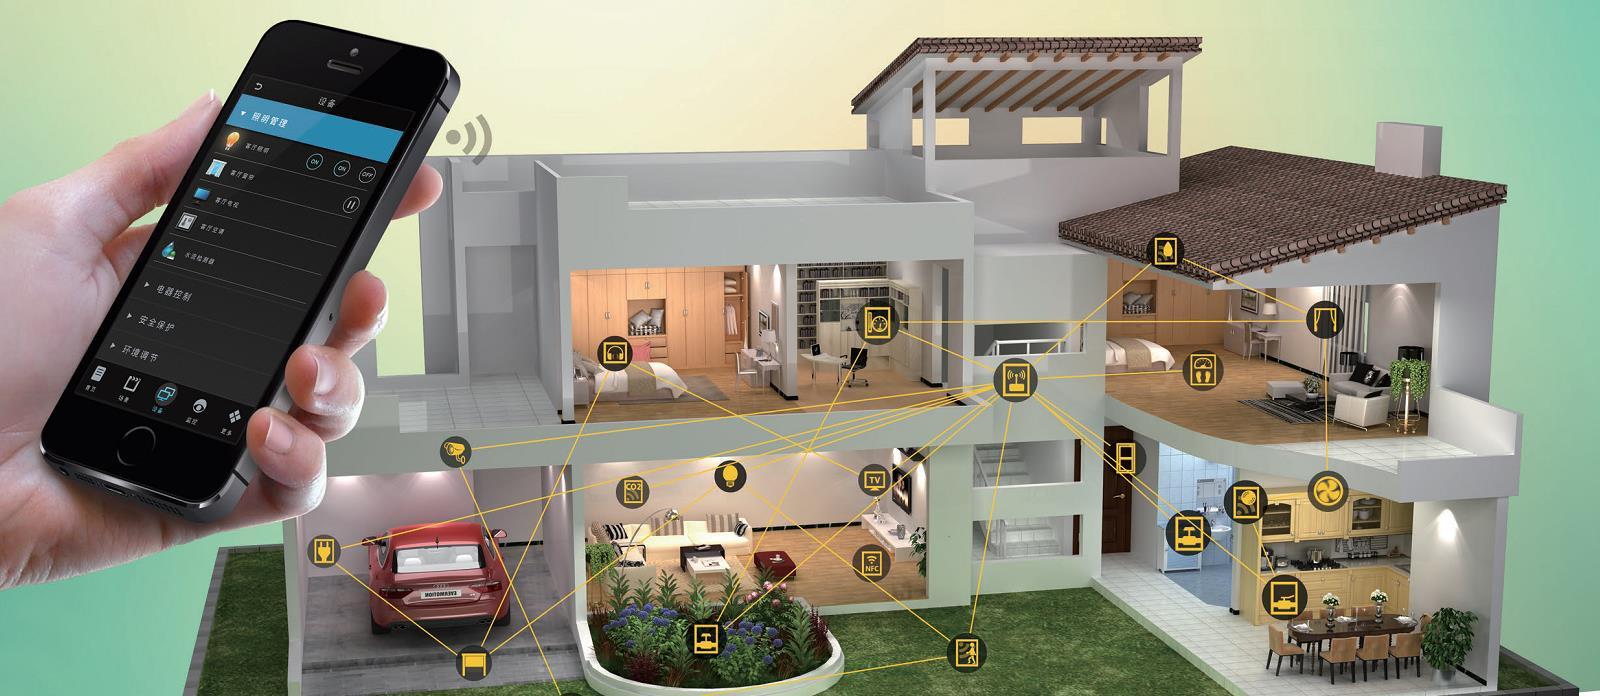 360mobile智能手机网站建站系统_自助响应式建站_傻瓜式智能化自助建站软件